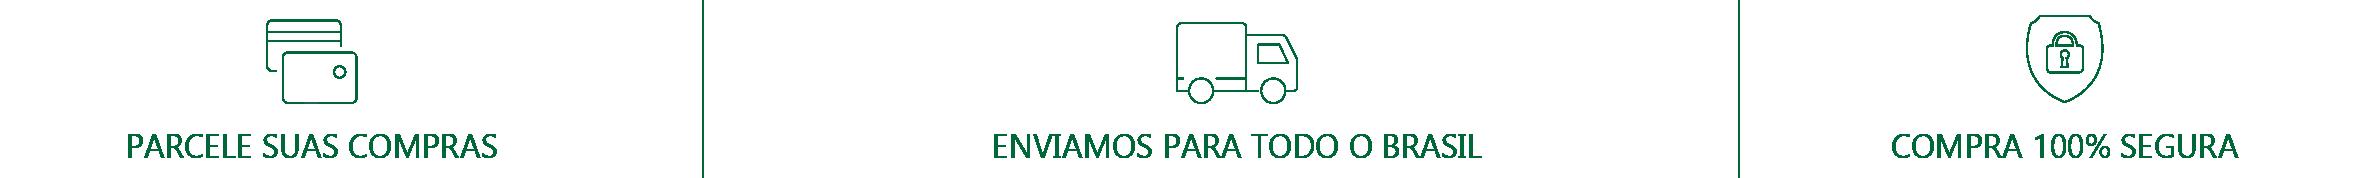 envio/parcele